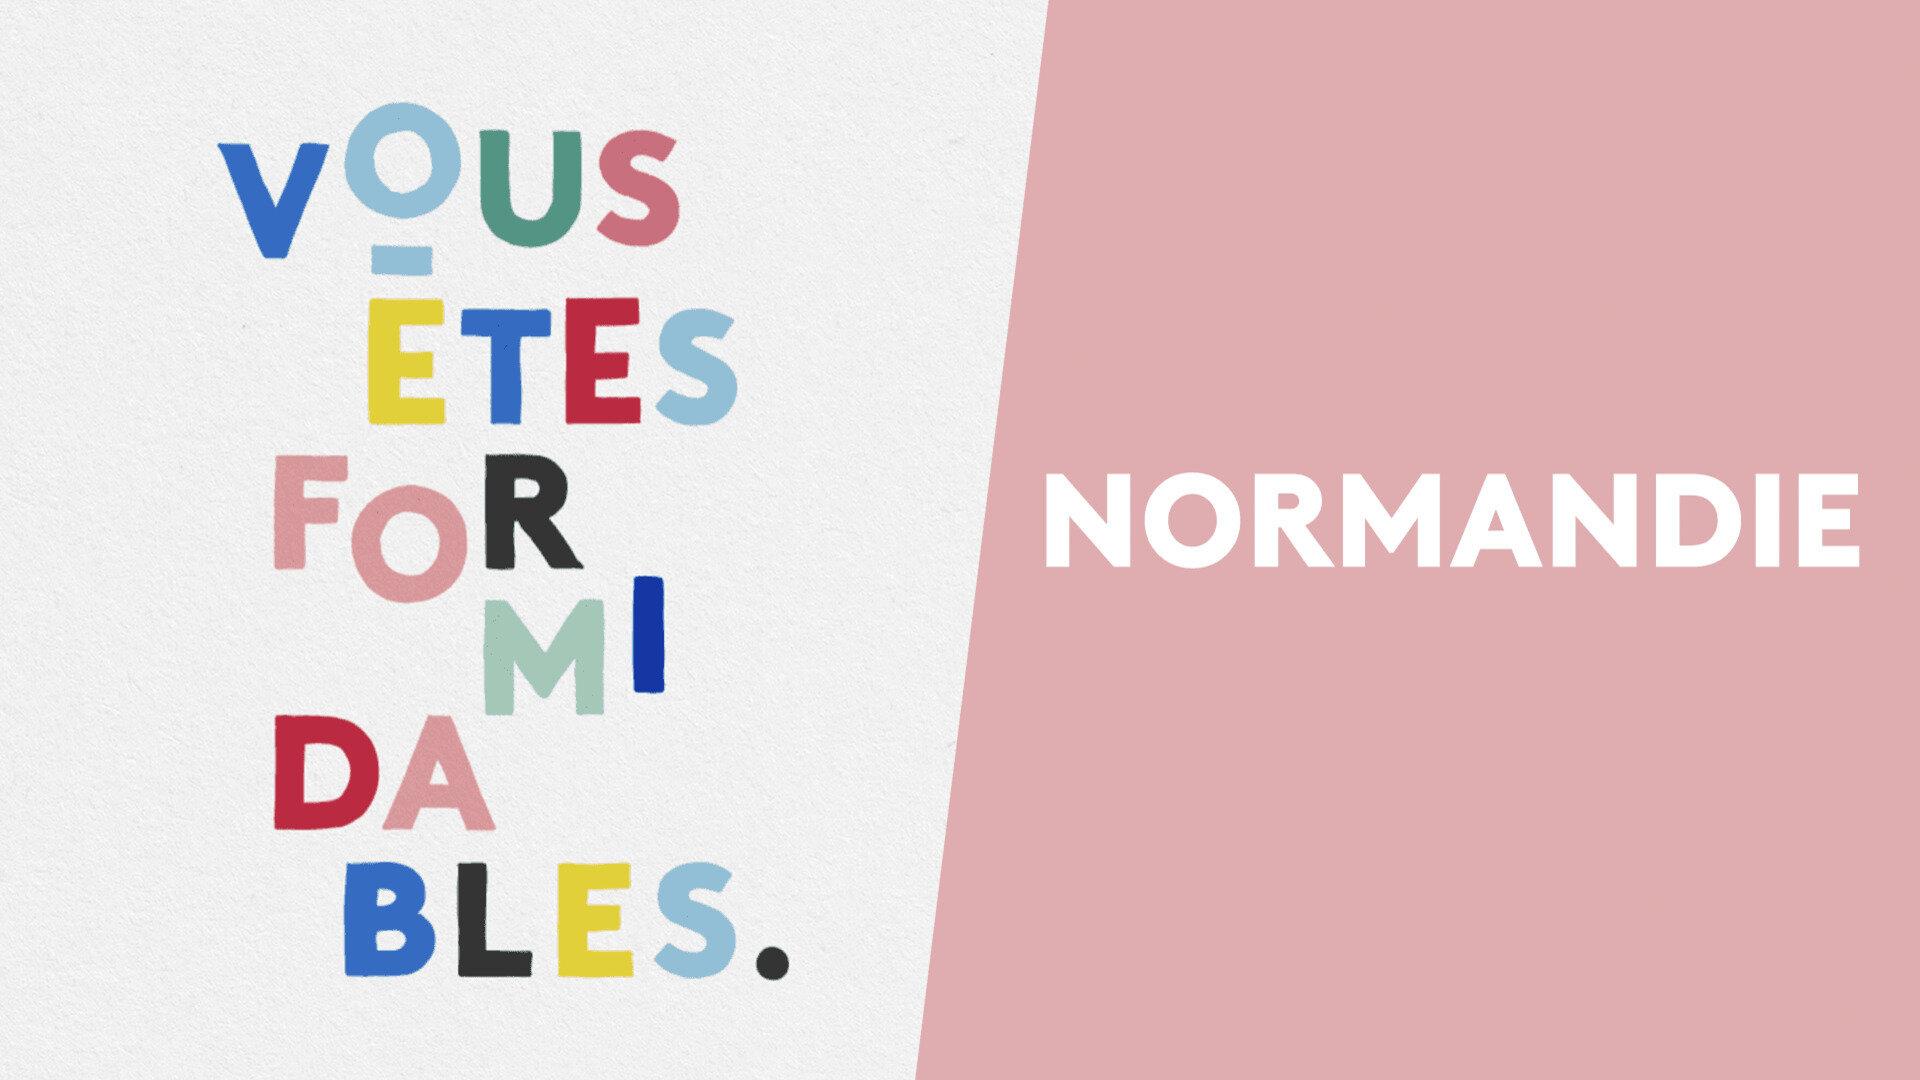 Vous êtes formidables - Normandie